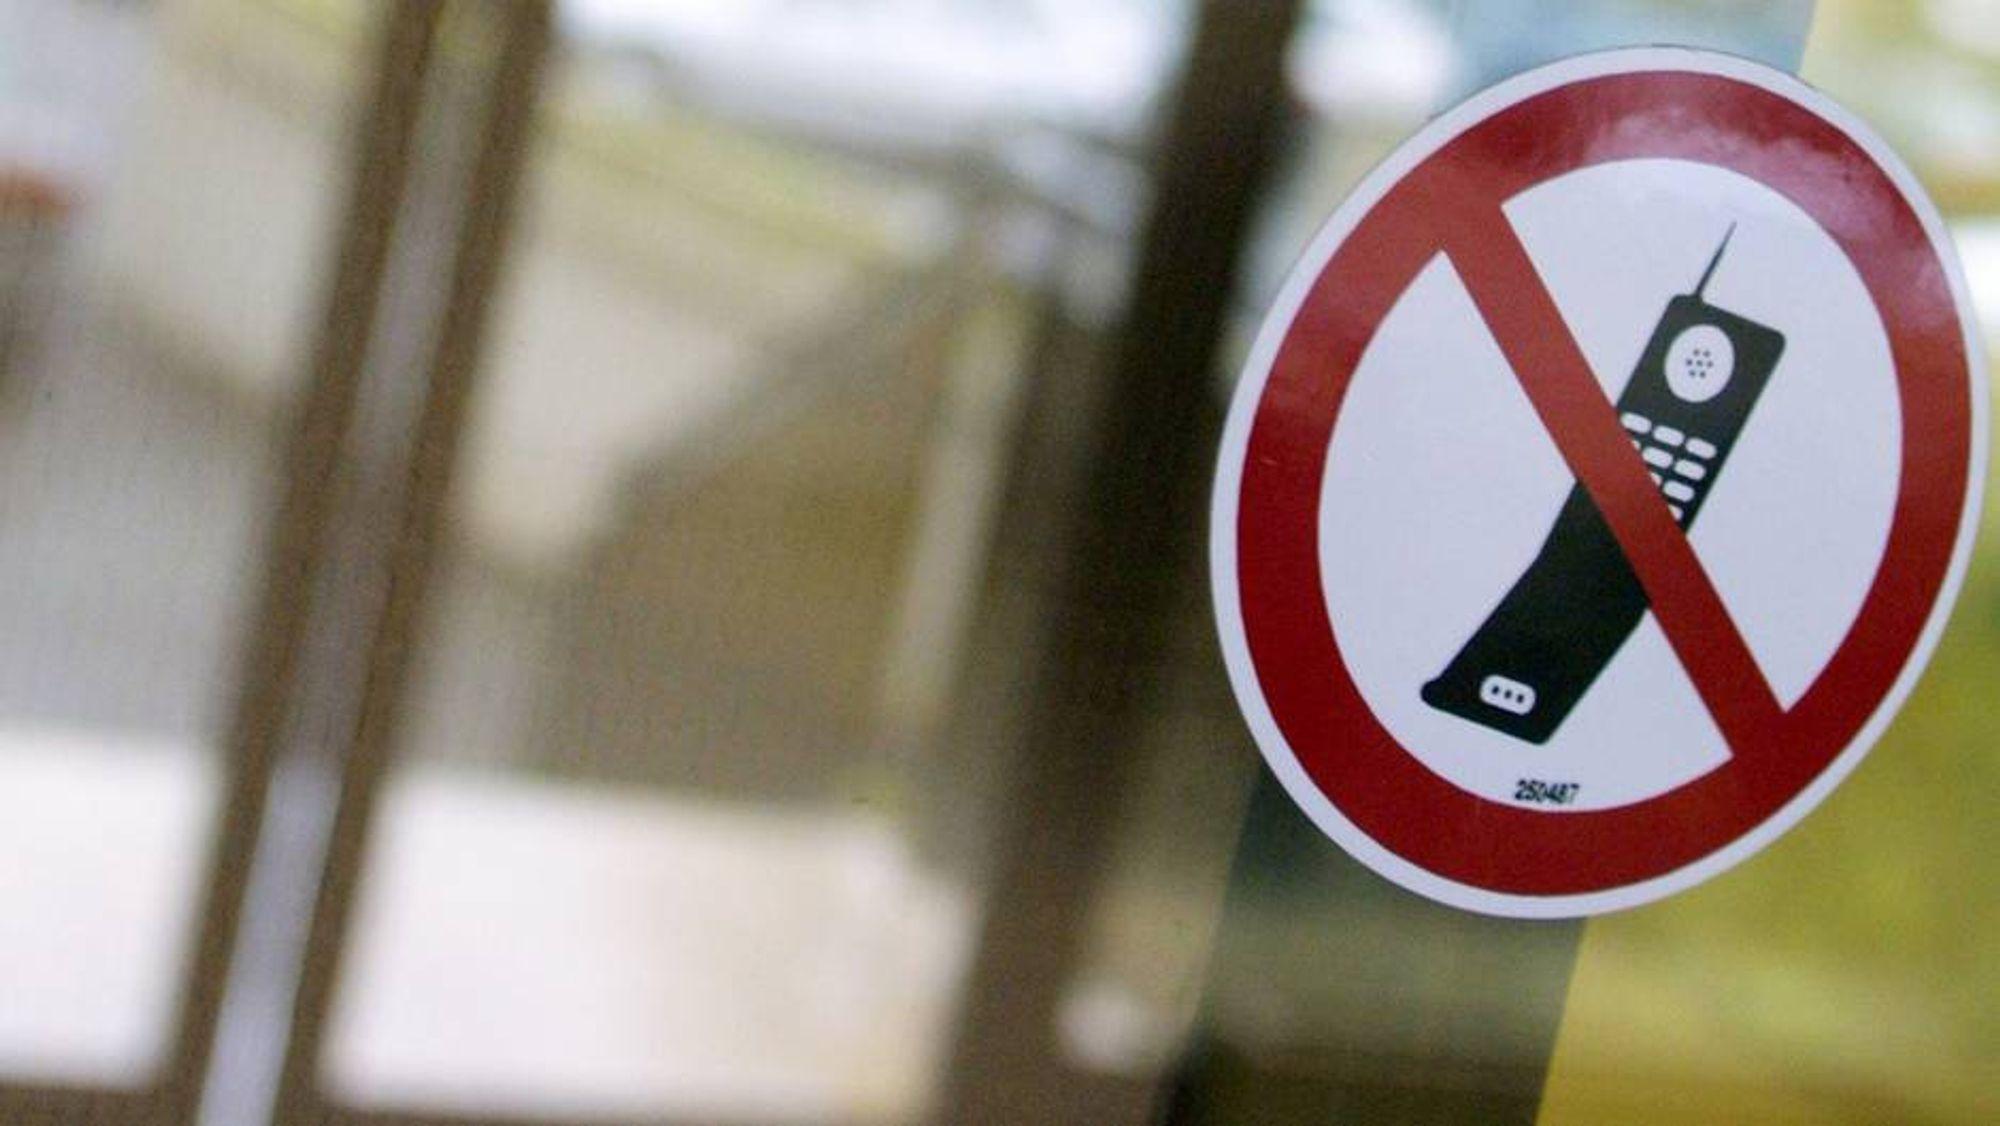 Skoler kan ikke totalforby mobiltelefoner